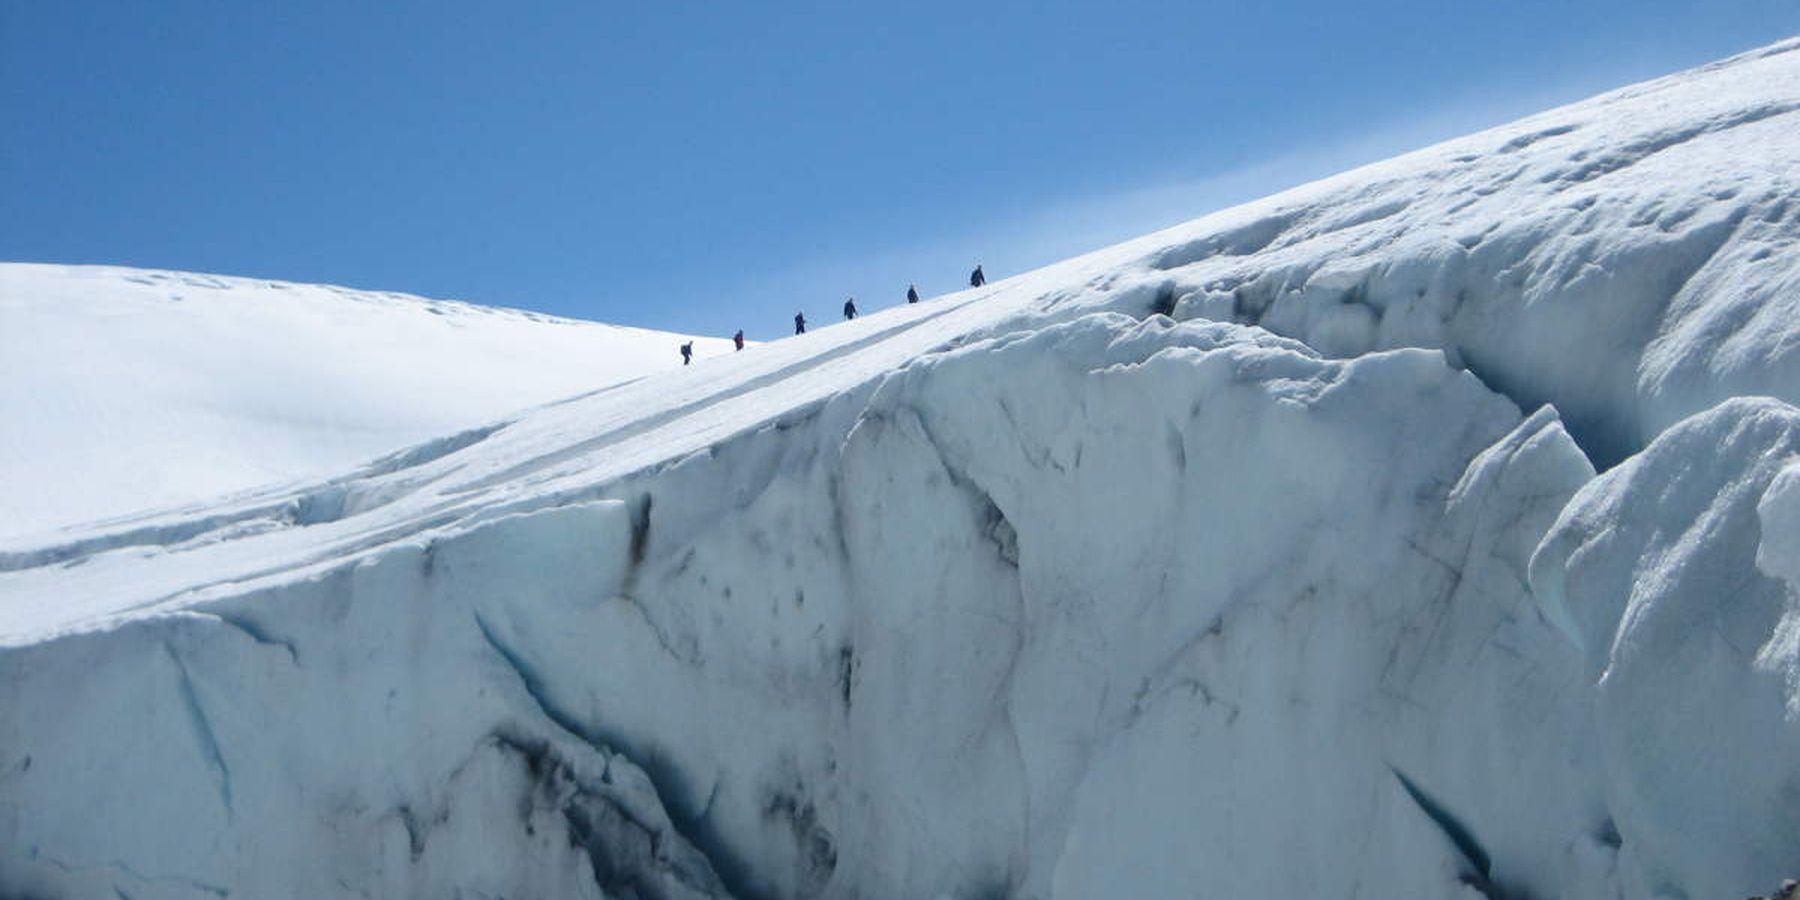 Folgefonna Gletsjer - Doets Reizen - Vakantie Noorwegen - Credits VisitNorway